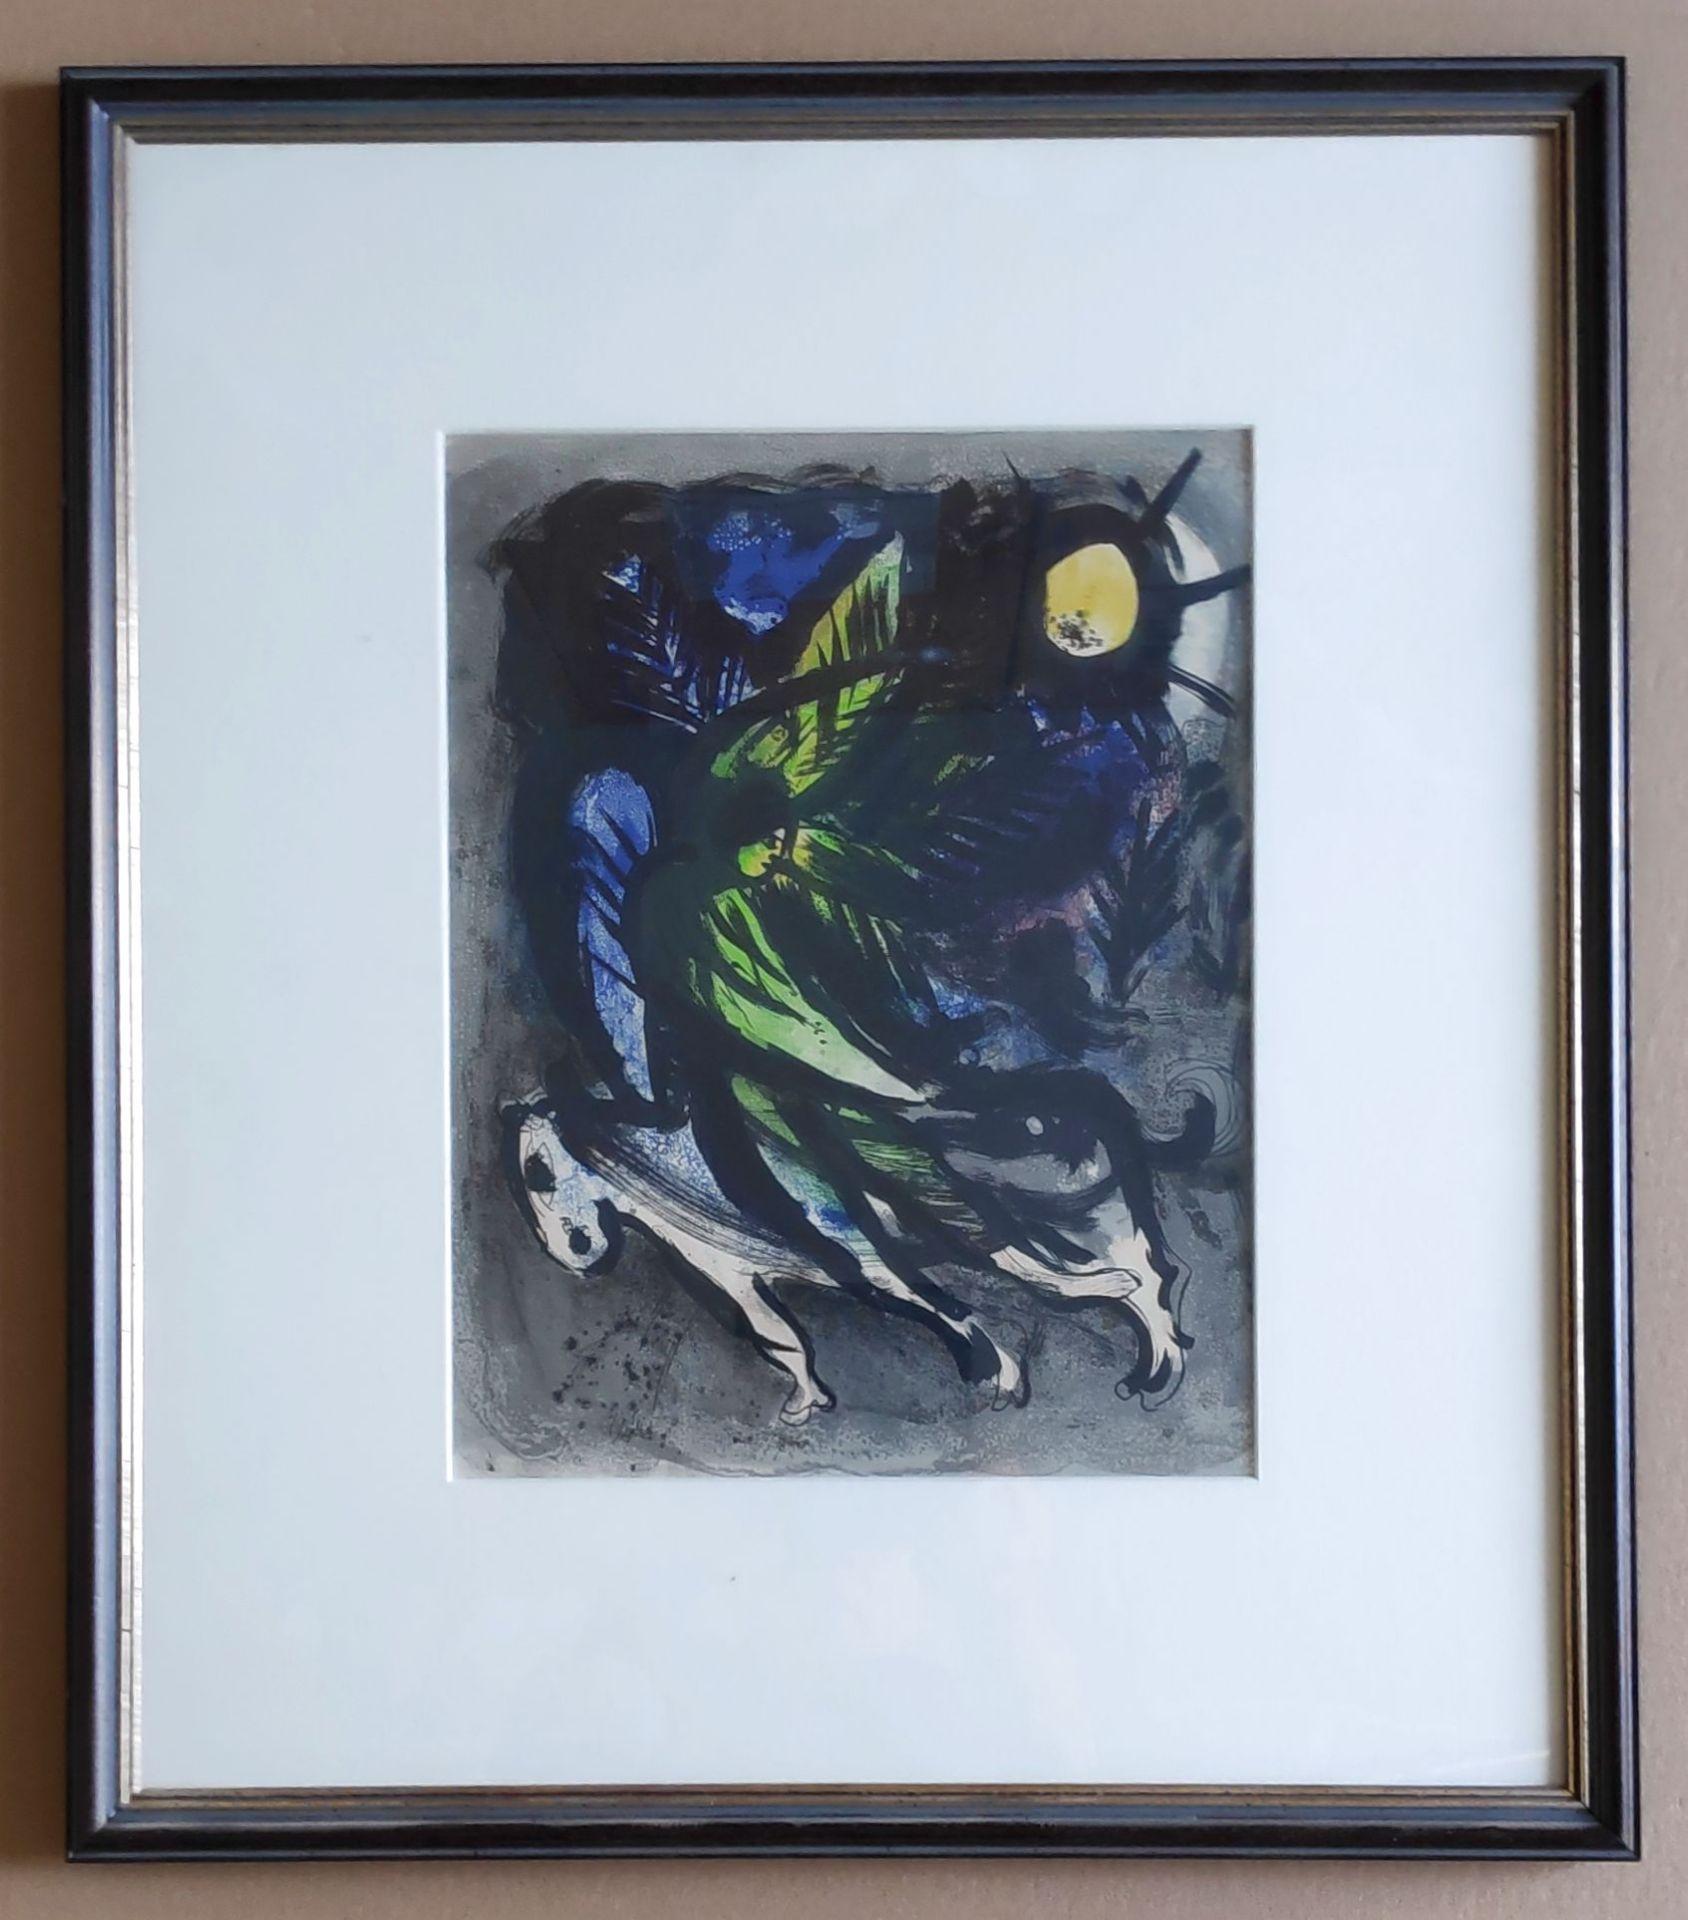 """Chagall, Marc (1887 Witebsk – 1985 Saint-Paul-de-Vence) """"L' ange survolant la forêt"""" - Bild 2 aus 2"""